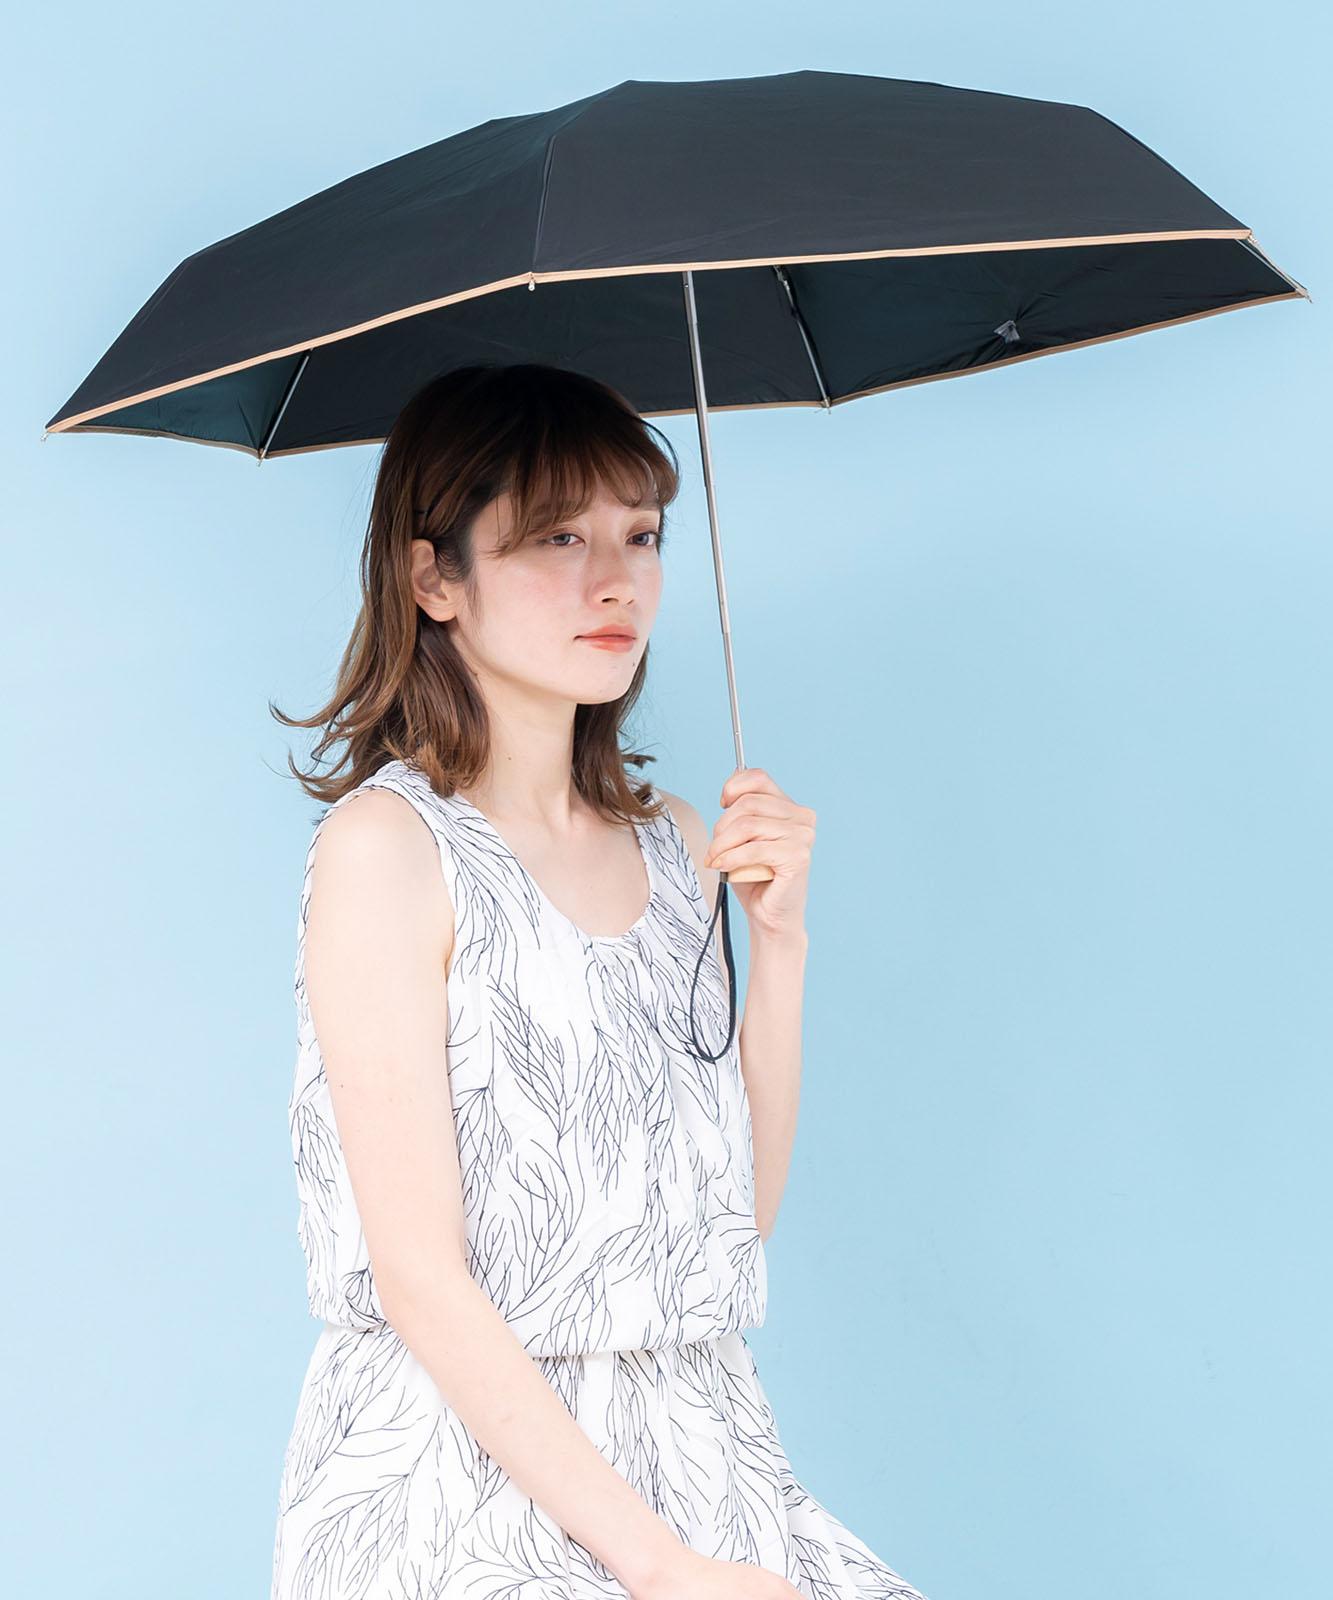 5段ミニ折りたたみ傘(マイクロ傘/パイピング)